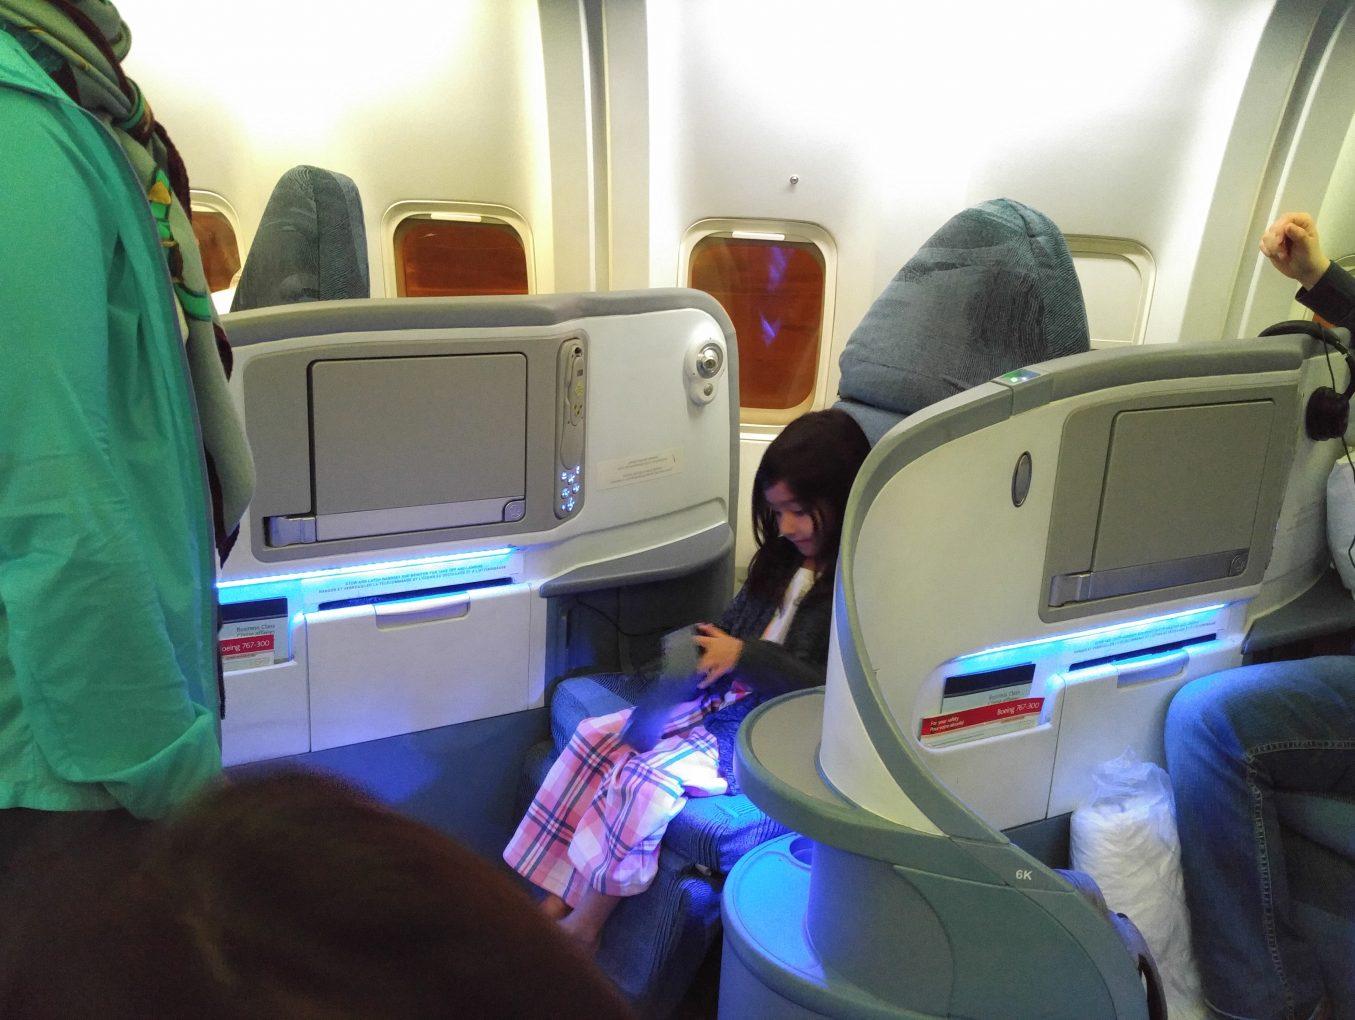 Review - Air Canada 767-300 - Calgary to Toronto - Business Class